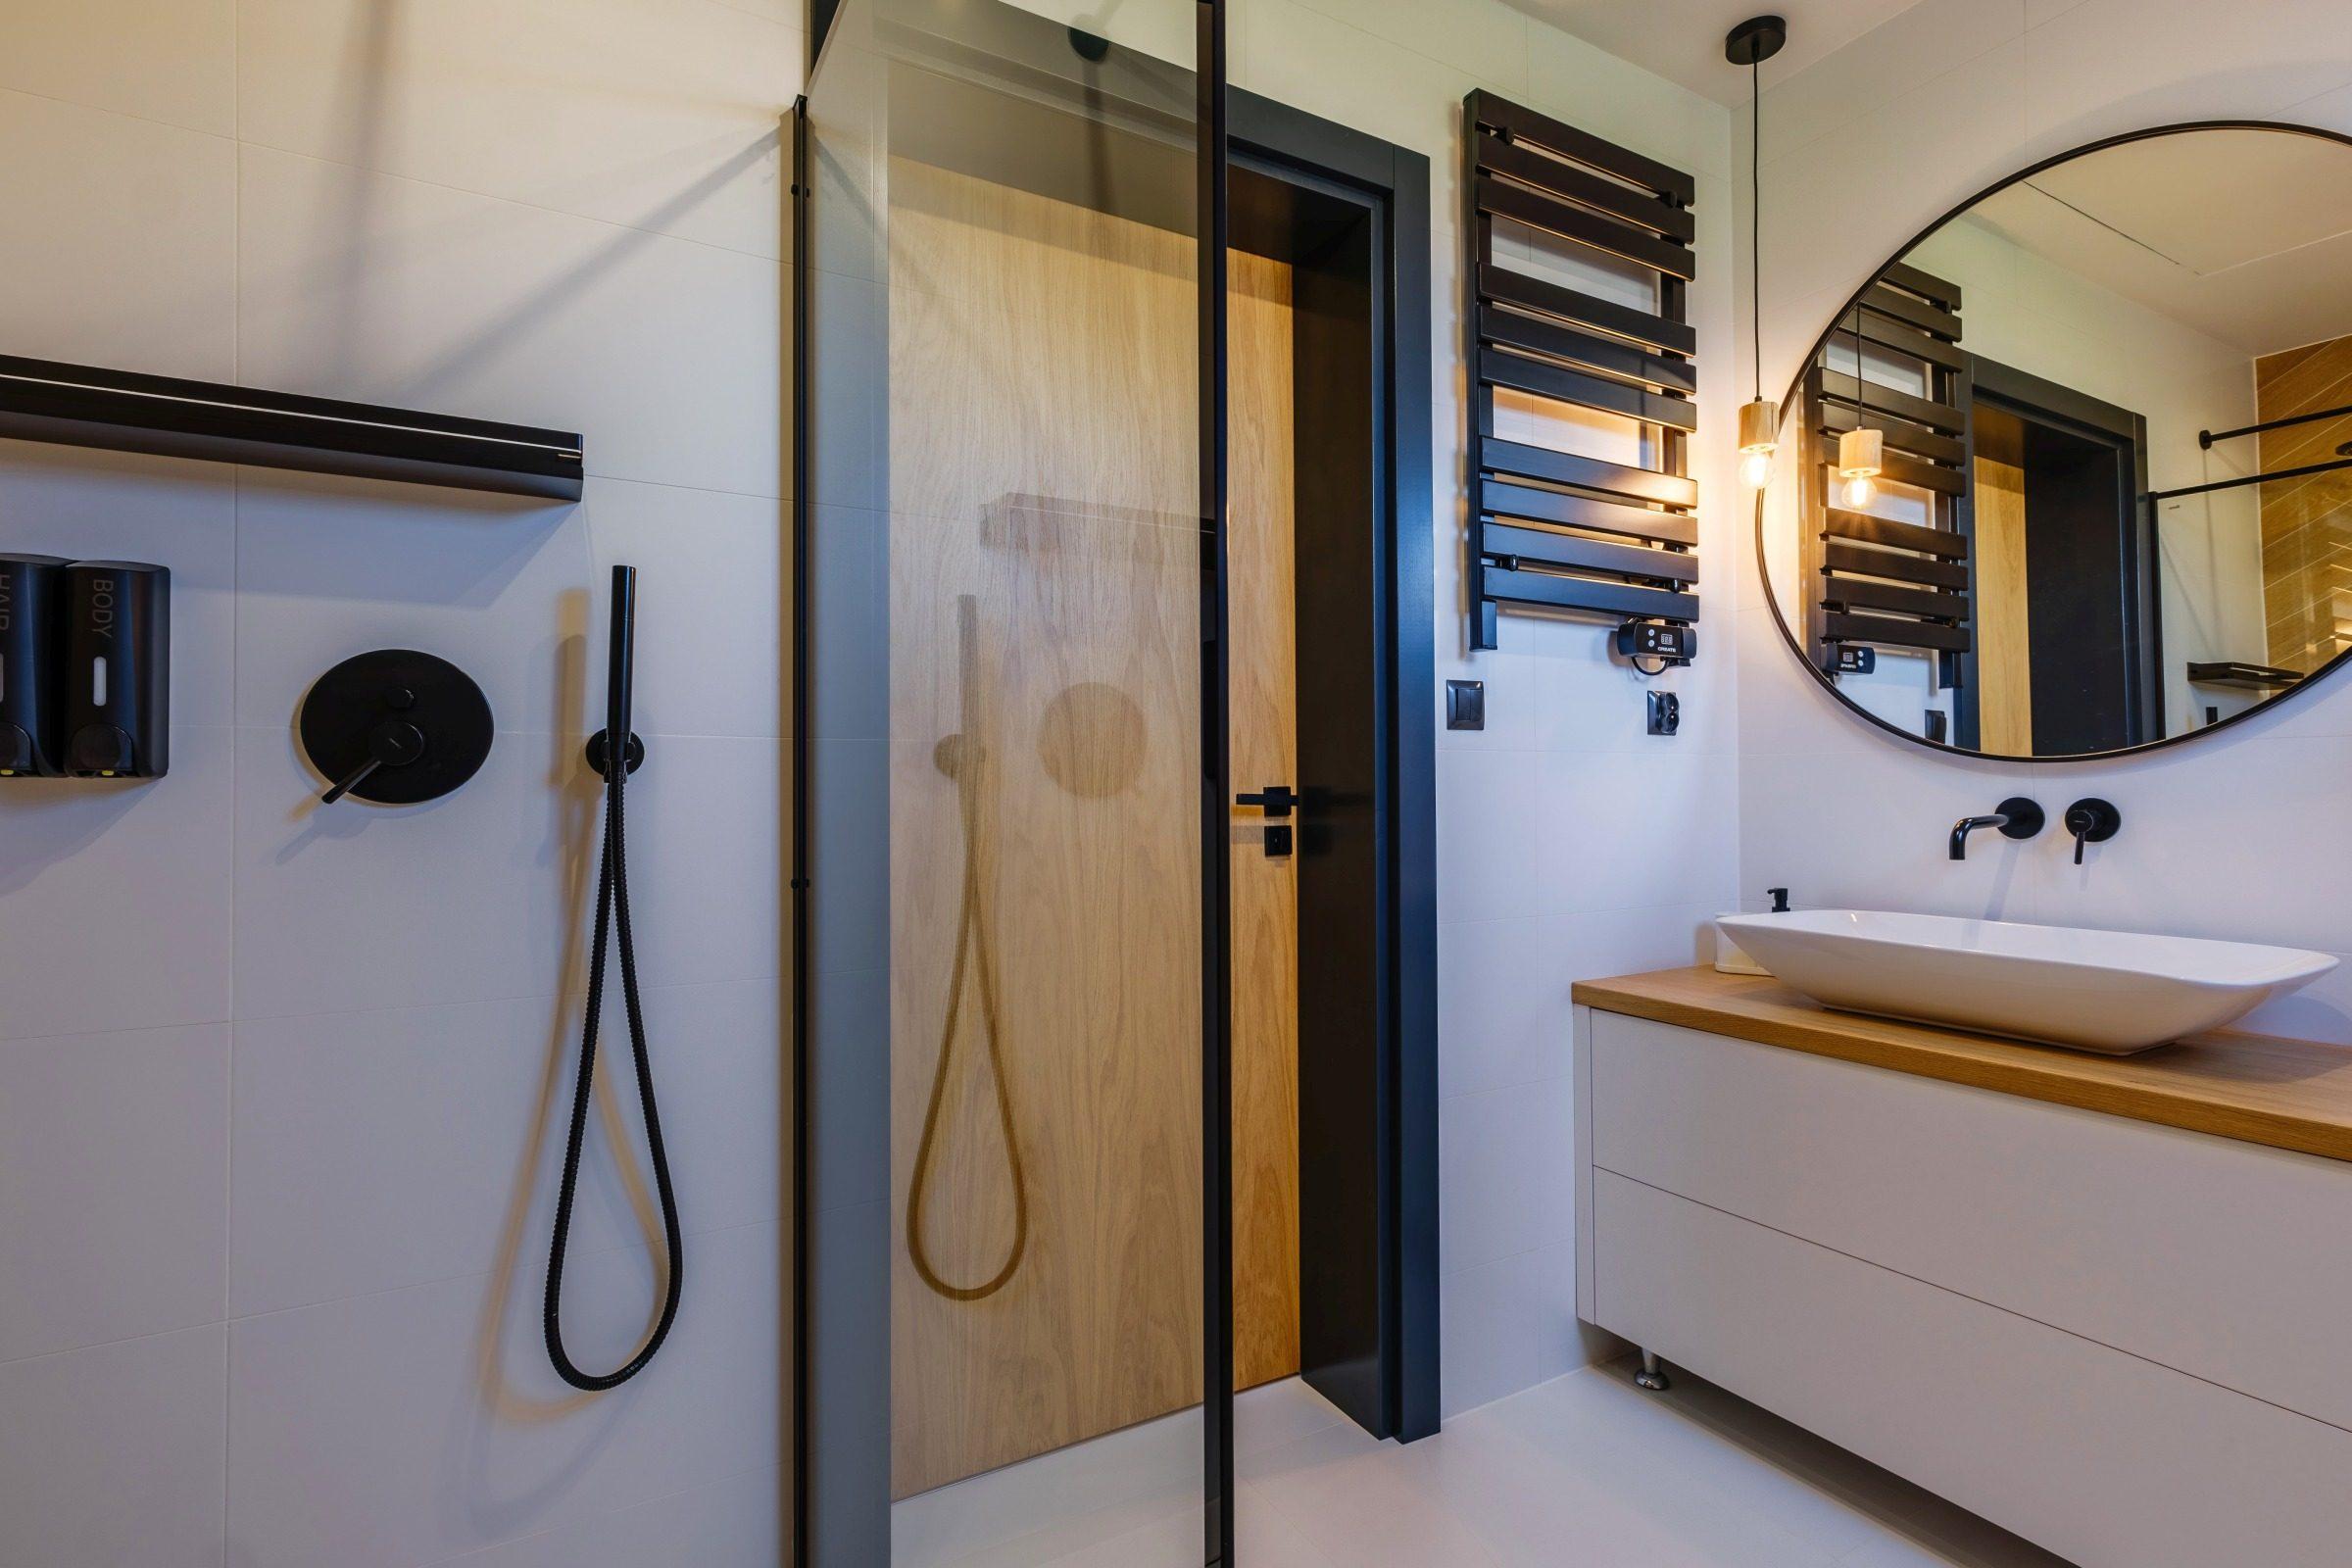 Apartamenty NOVA BIAŁKA Białka Tatrzańska apartament 8 łazienka prysznic